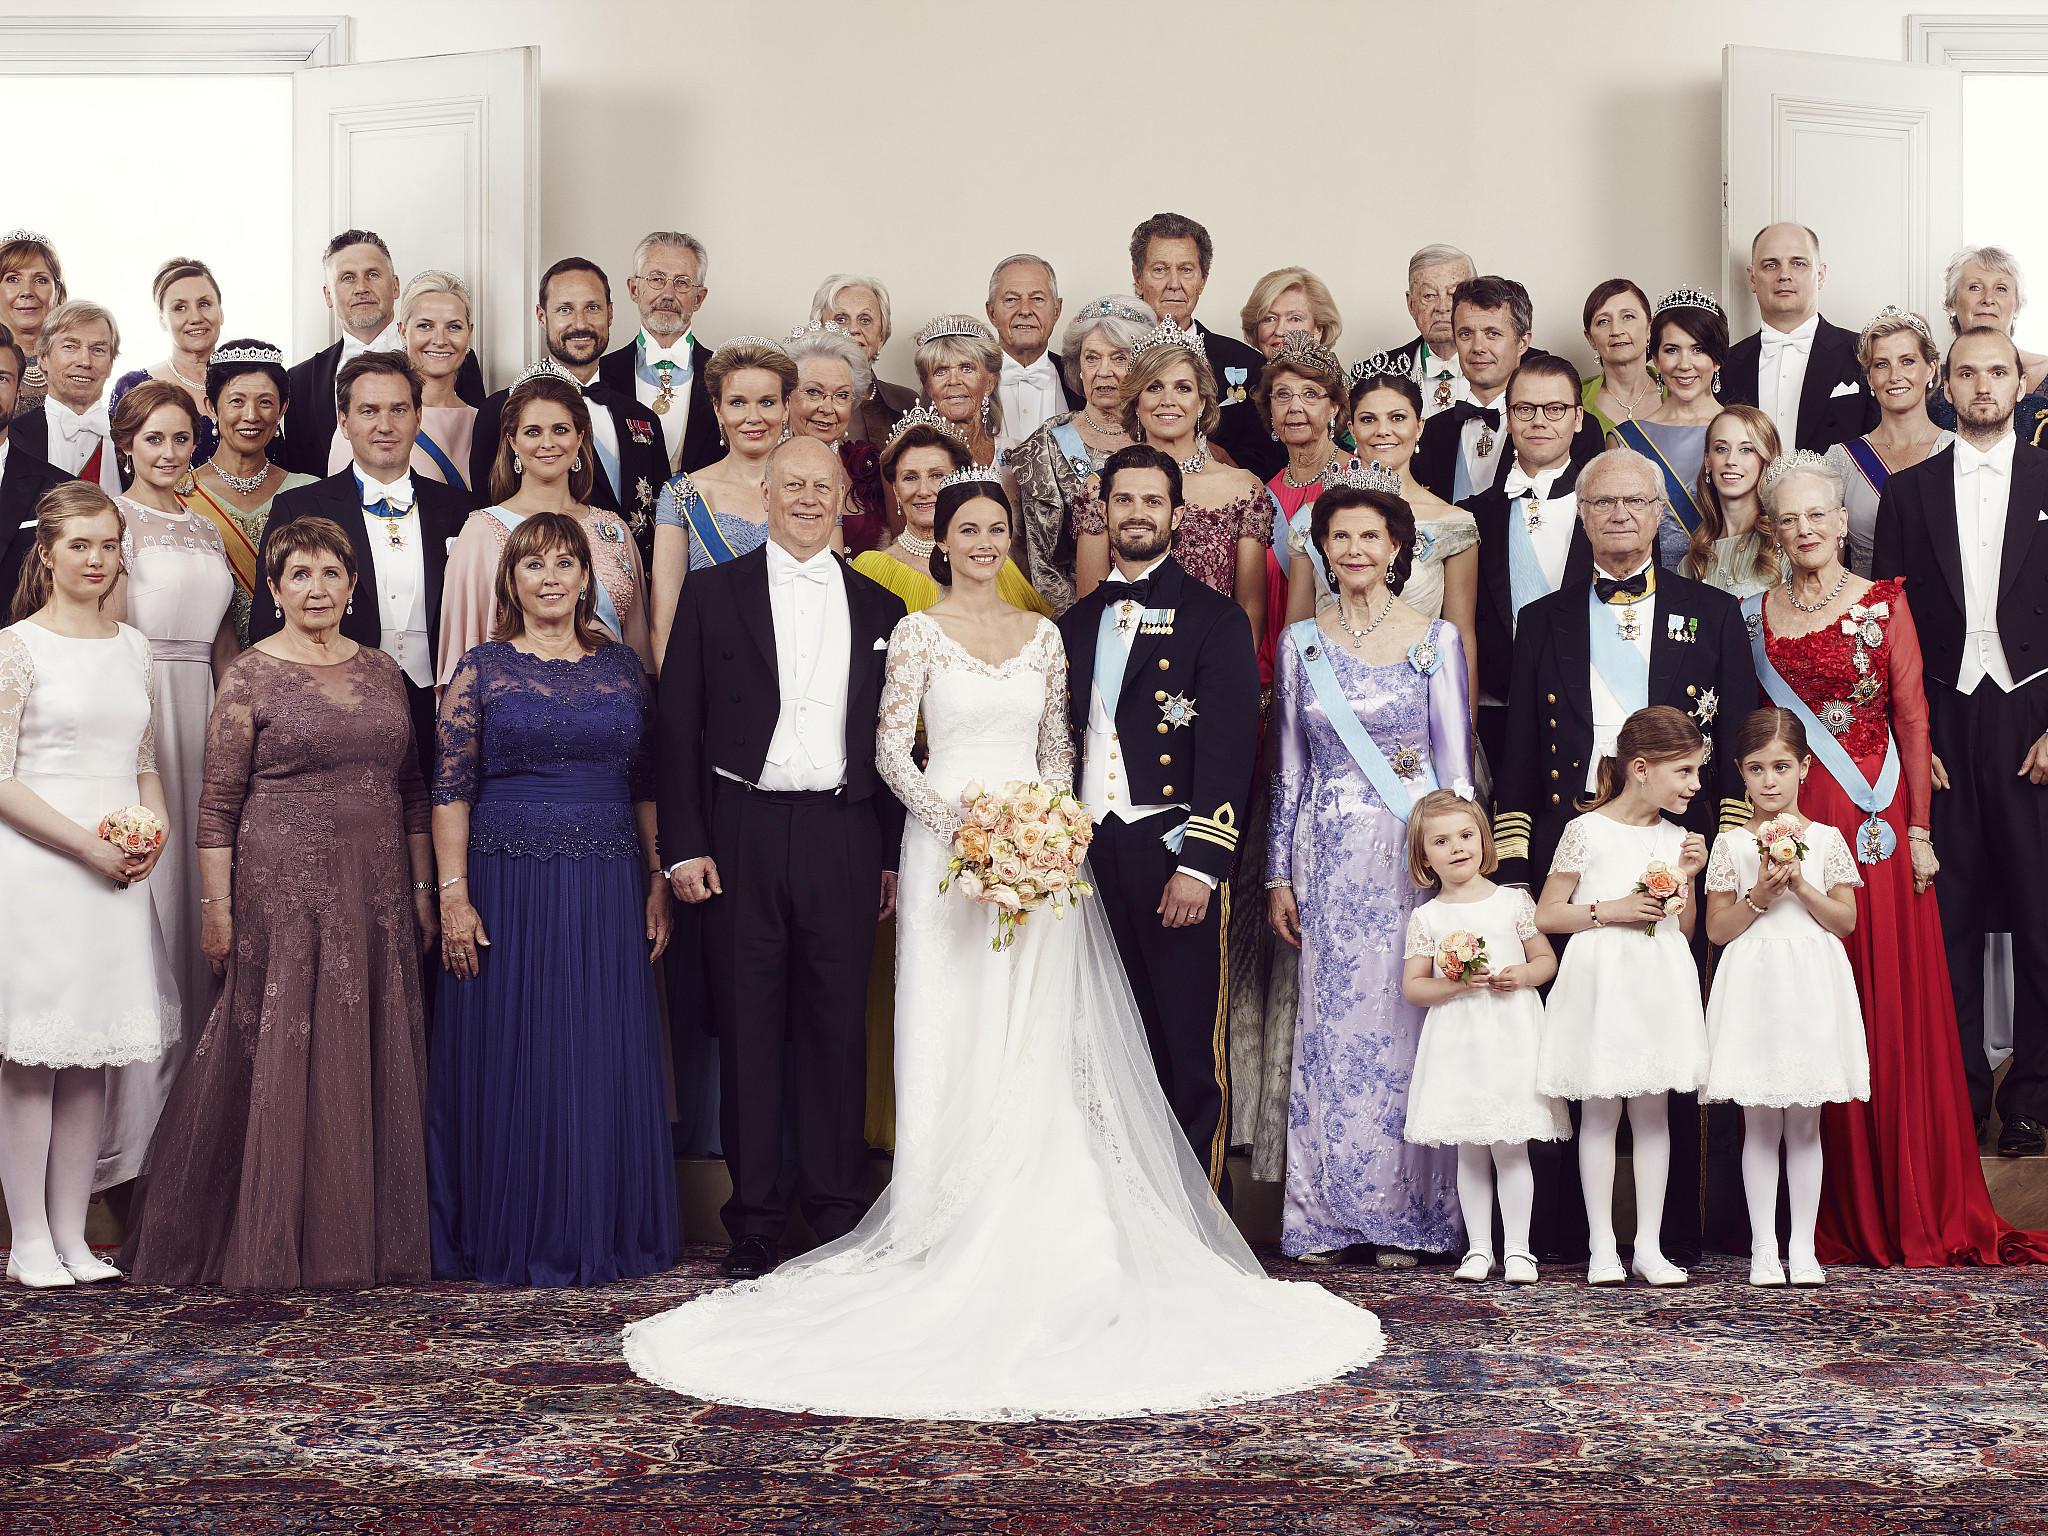 Hochzeit carl philip schweden